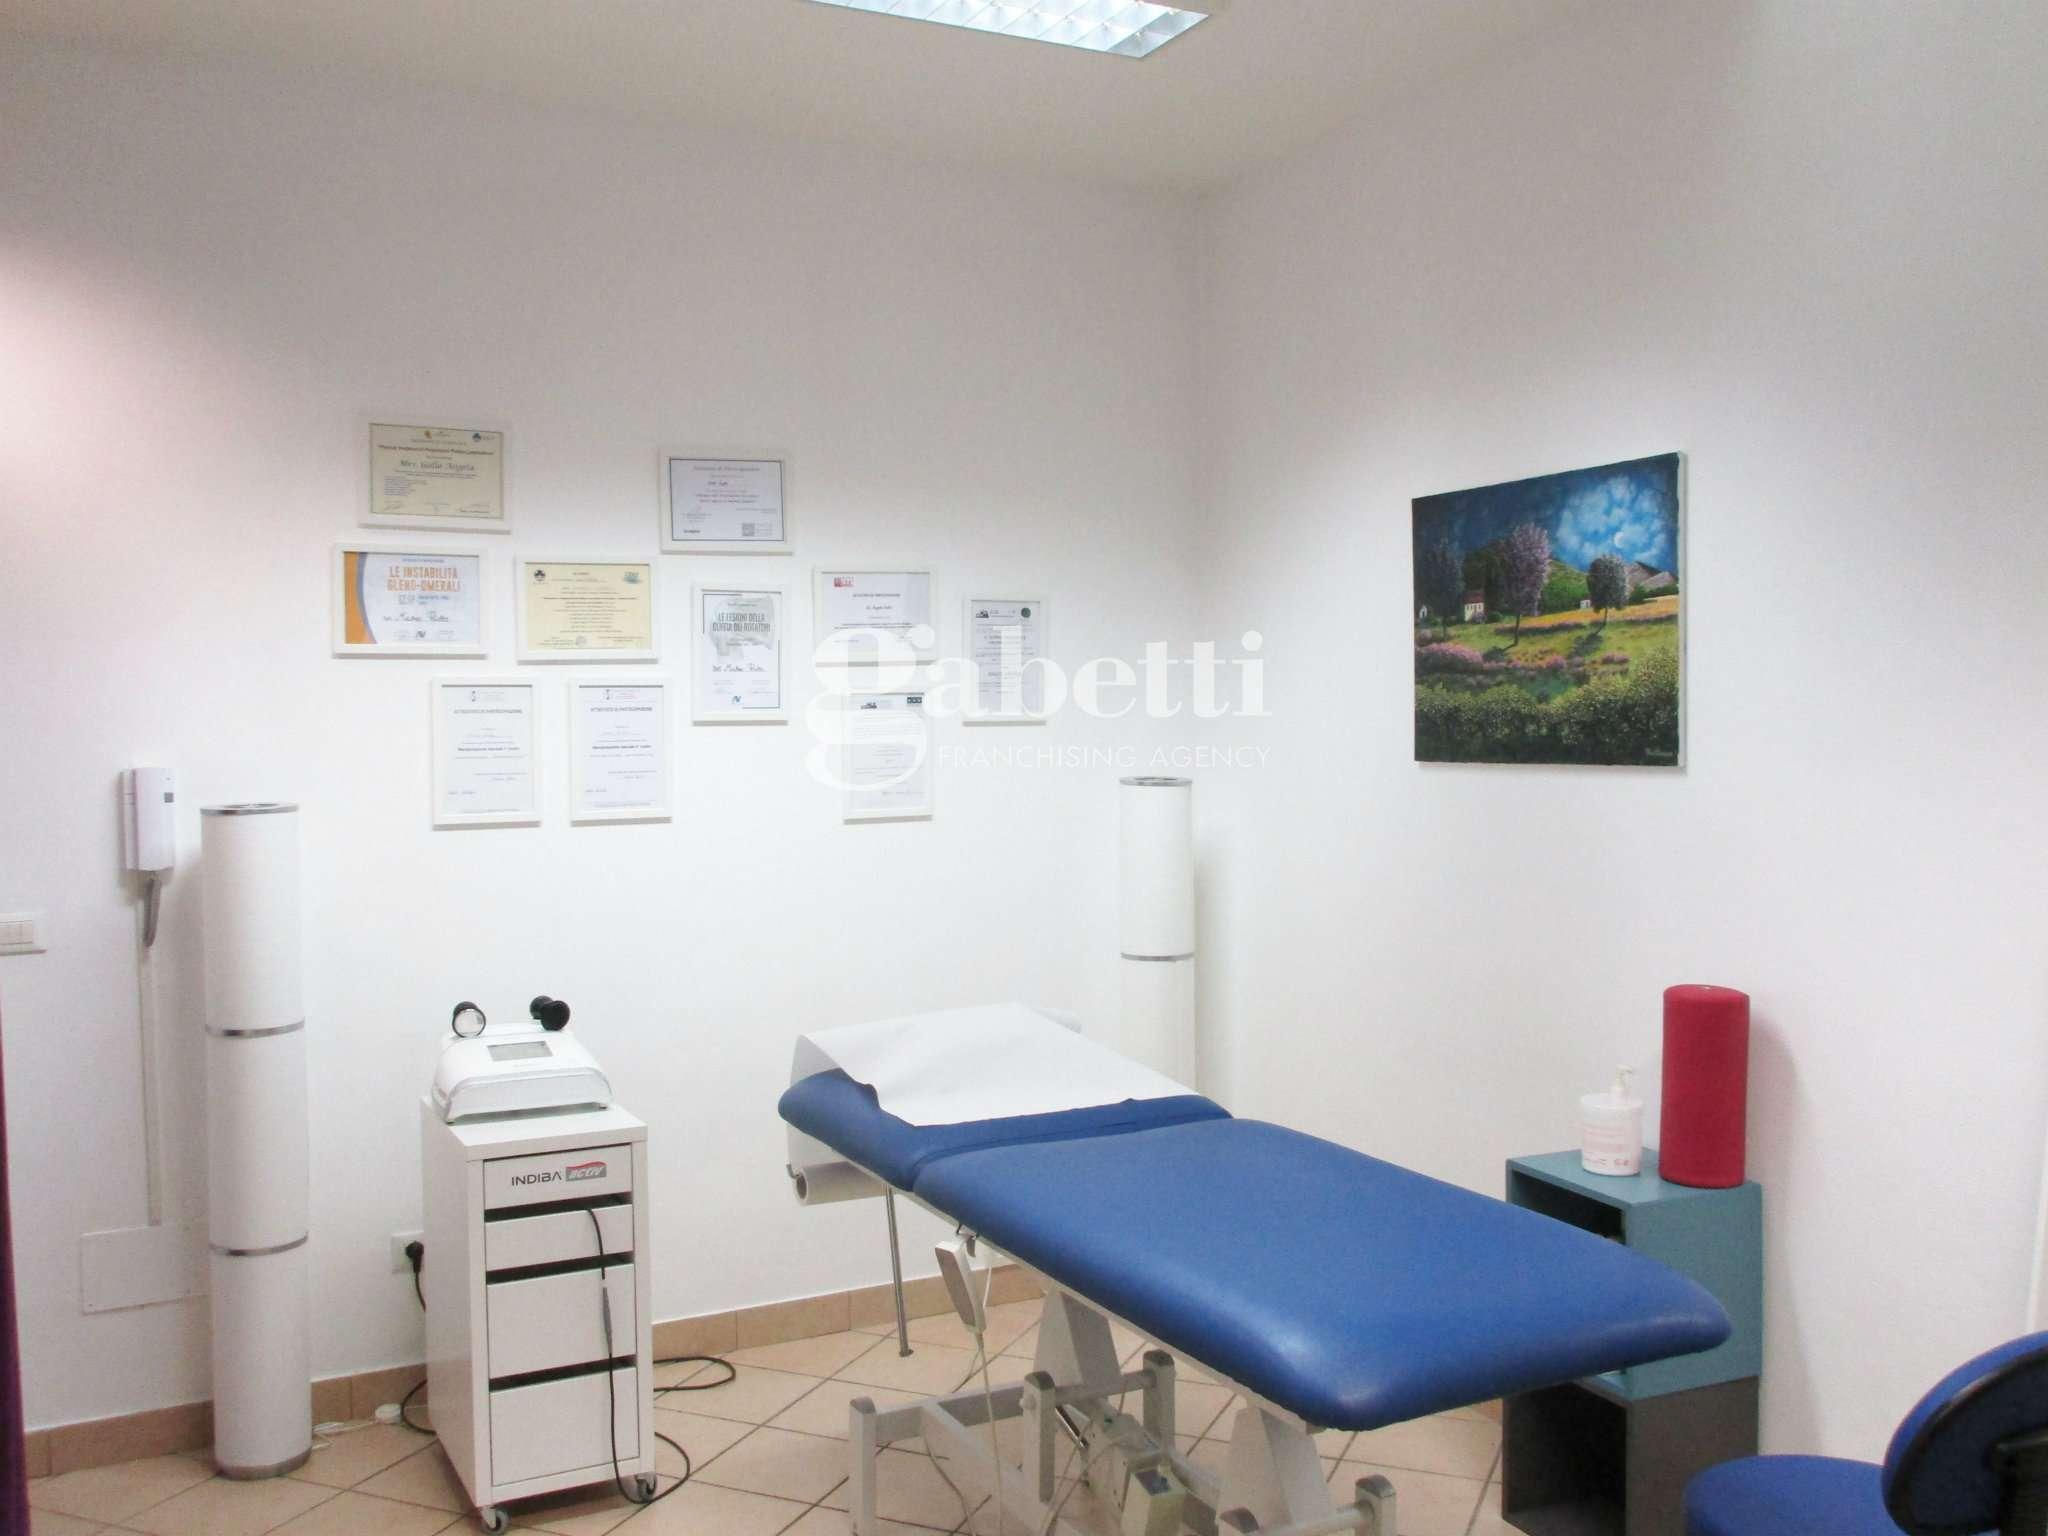 Negozio / Locale in vendita a Bologna, 2 locali, zona Zona: 7 . Savena, Mazzini, Fossolo, Bellaria, prezzo € 85.000 | CambioCasa.it